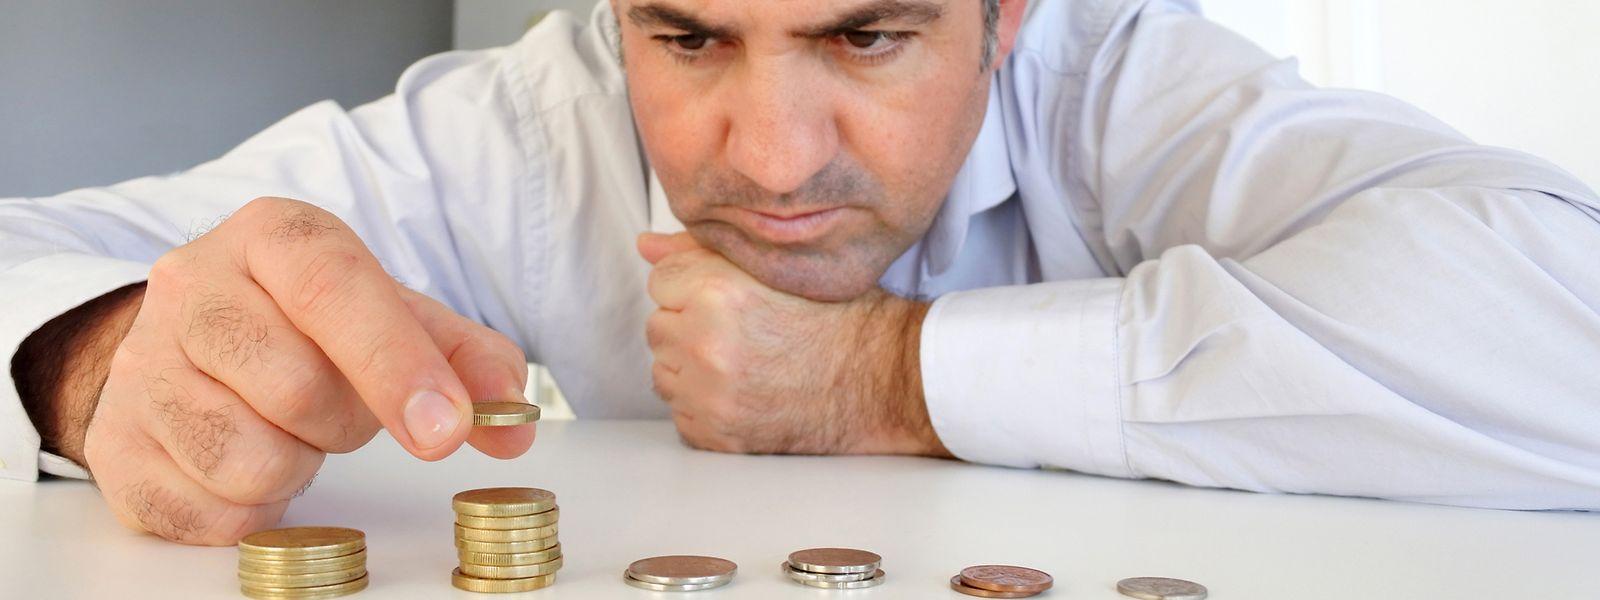 Immer mehr Menschen erfahren in Luxemburg, dass das Geld einfach nicht reicht.